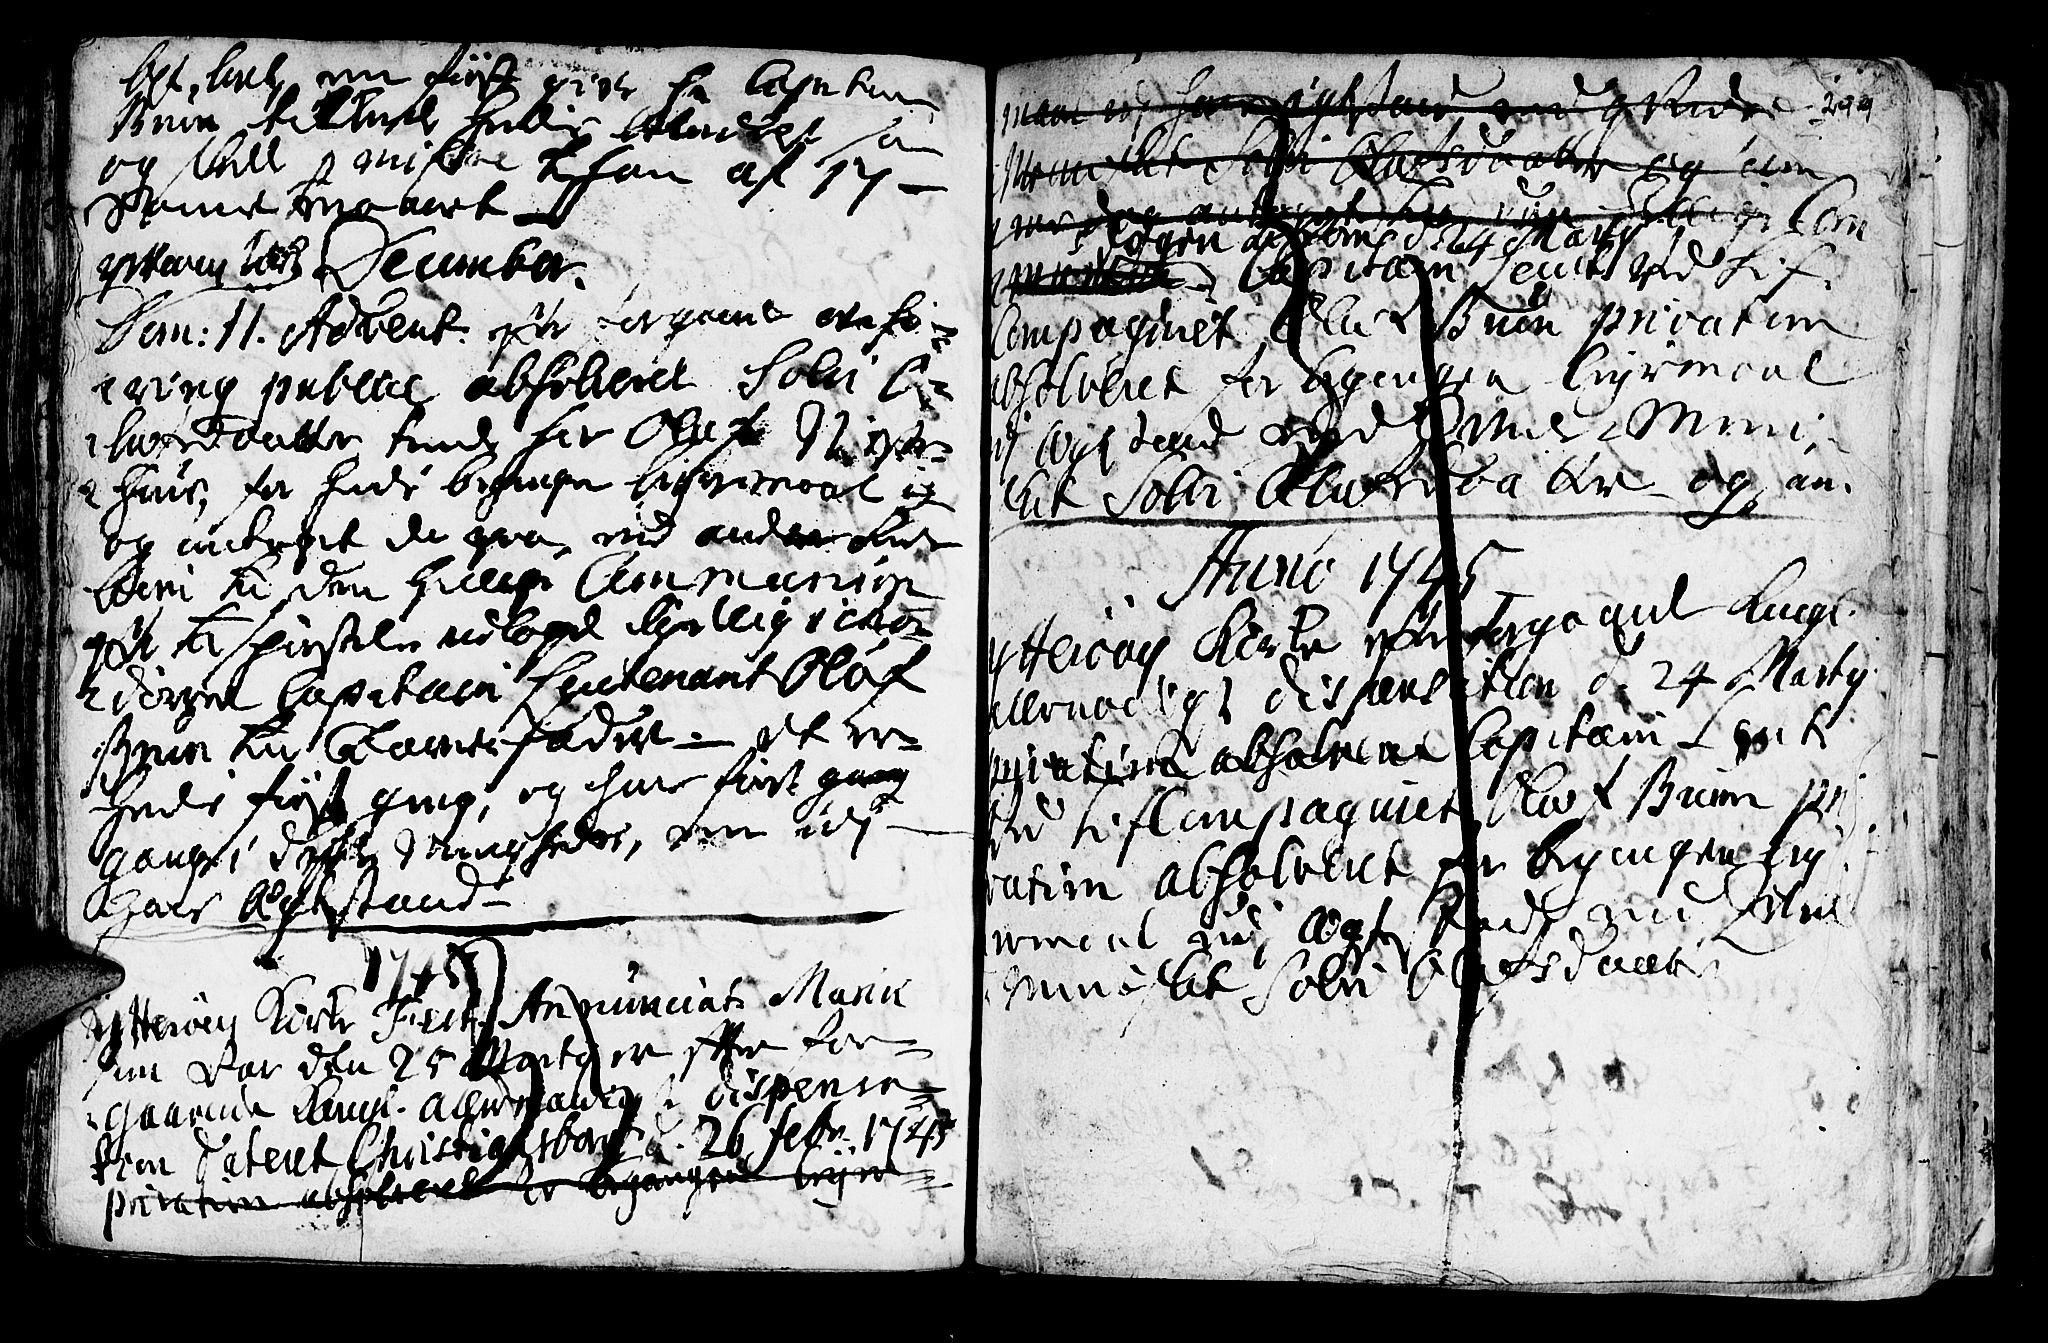 SAT, Ministerialprotokoller, klokkerbøker og fødselsregistre - Nord-Trøndelag, 722/L0215: Ministerialbok nr. 722A02, 1718-1755, s. 299